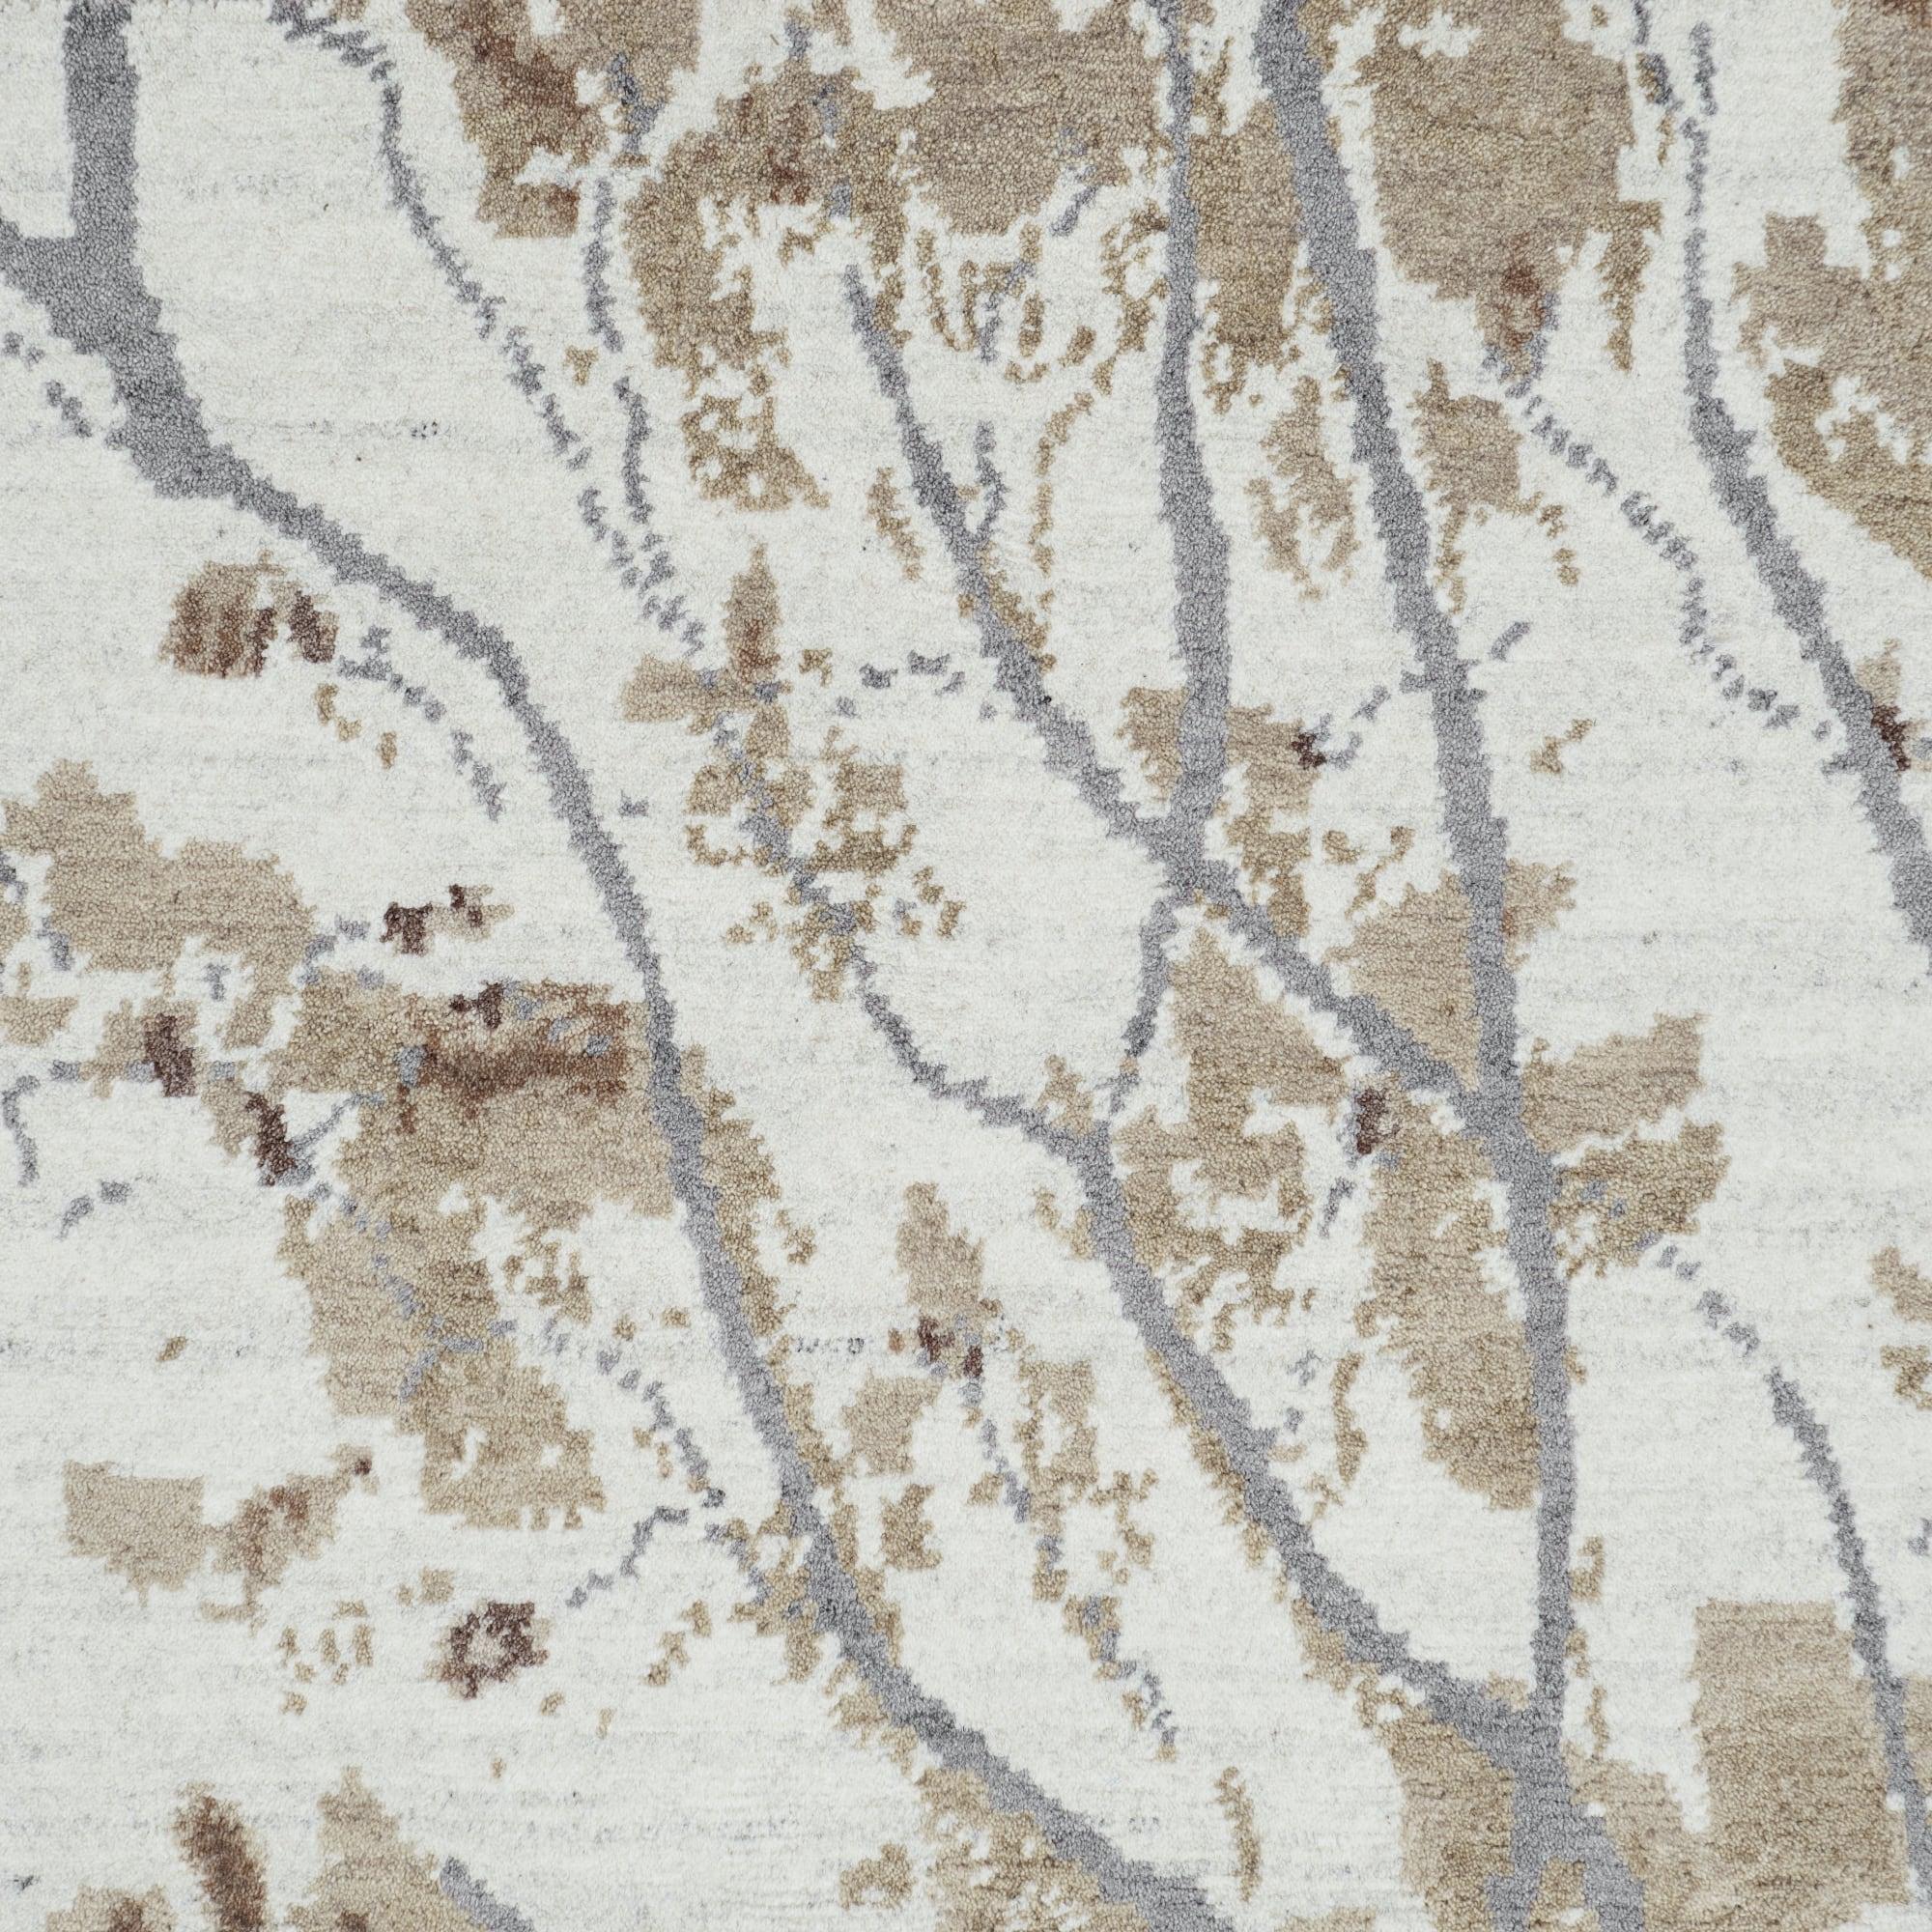 Almond Blossom Rug